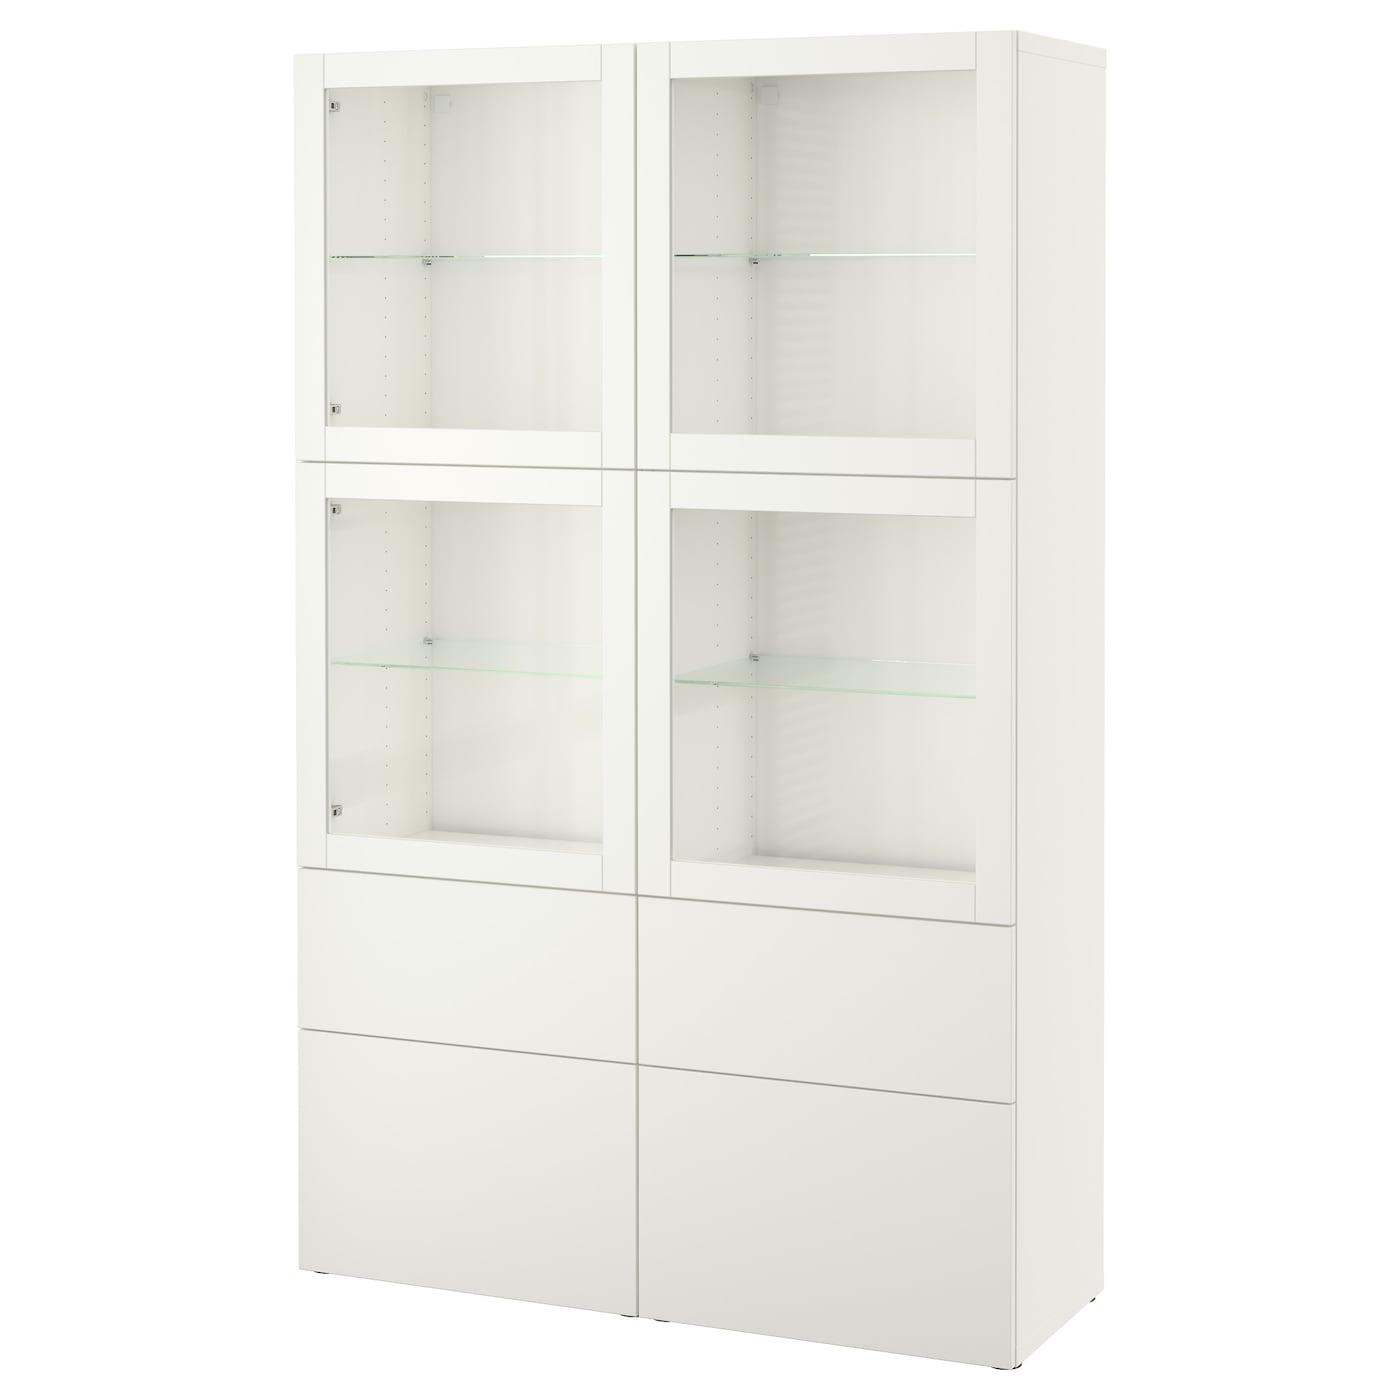 BESTÅ | Wohnzimmer > Vitrinen > Standvitrinen | Papier | IKEA